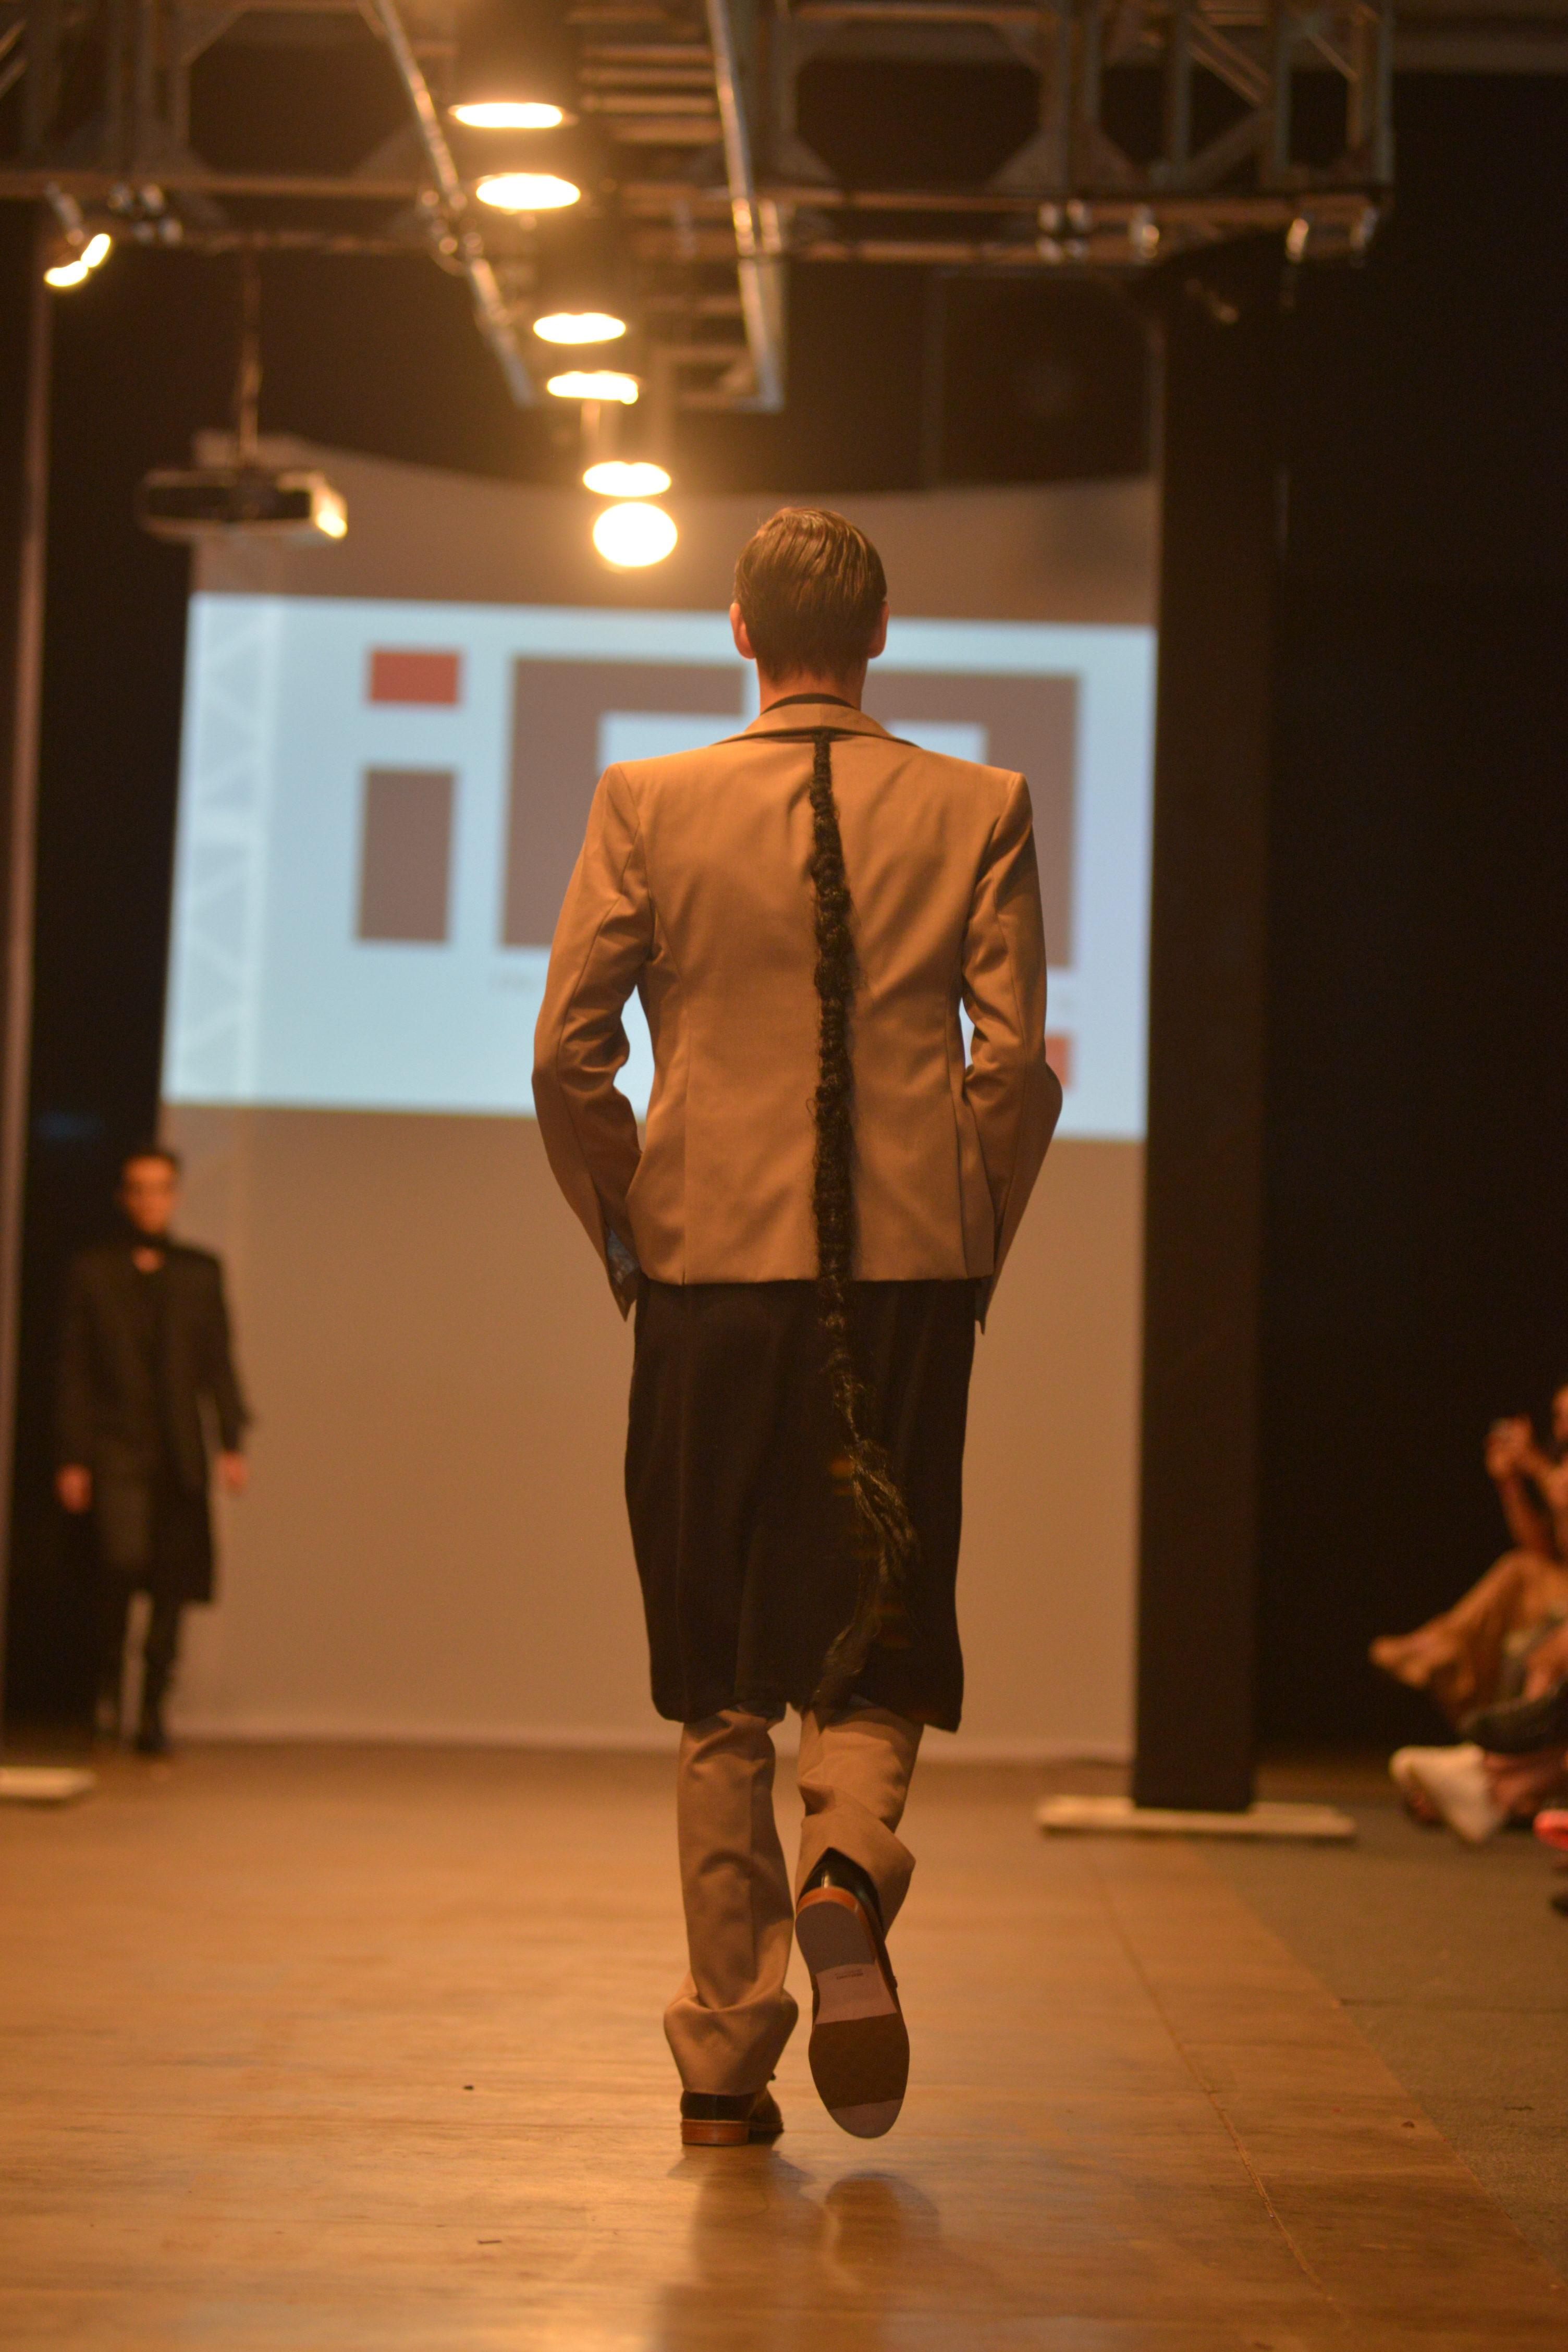 joao-pimenta-colecao-joao-pimenta-inverno-2017-moda-masculina-menswear-blog-de-moda-blogger-ifa-interior-fashion-arts-mens-19